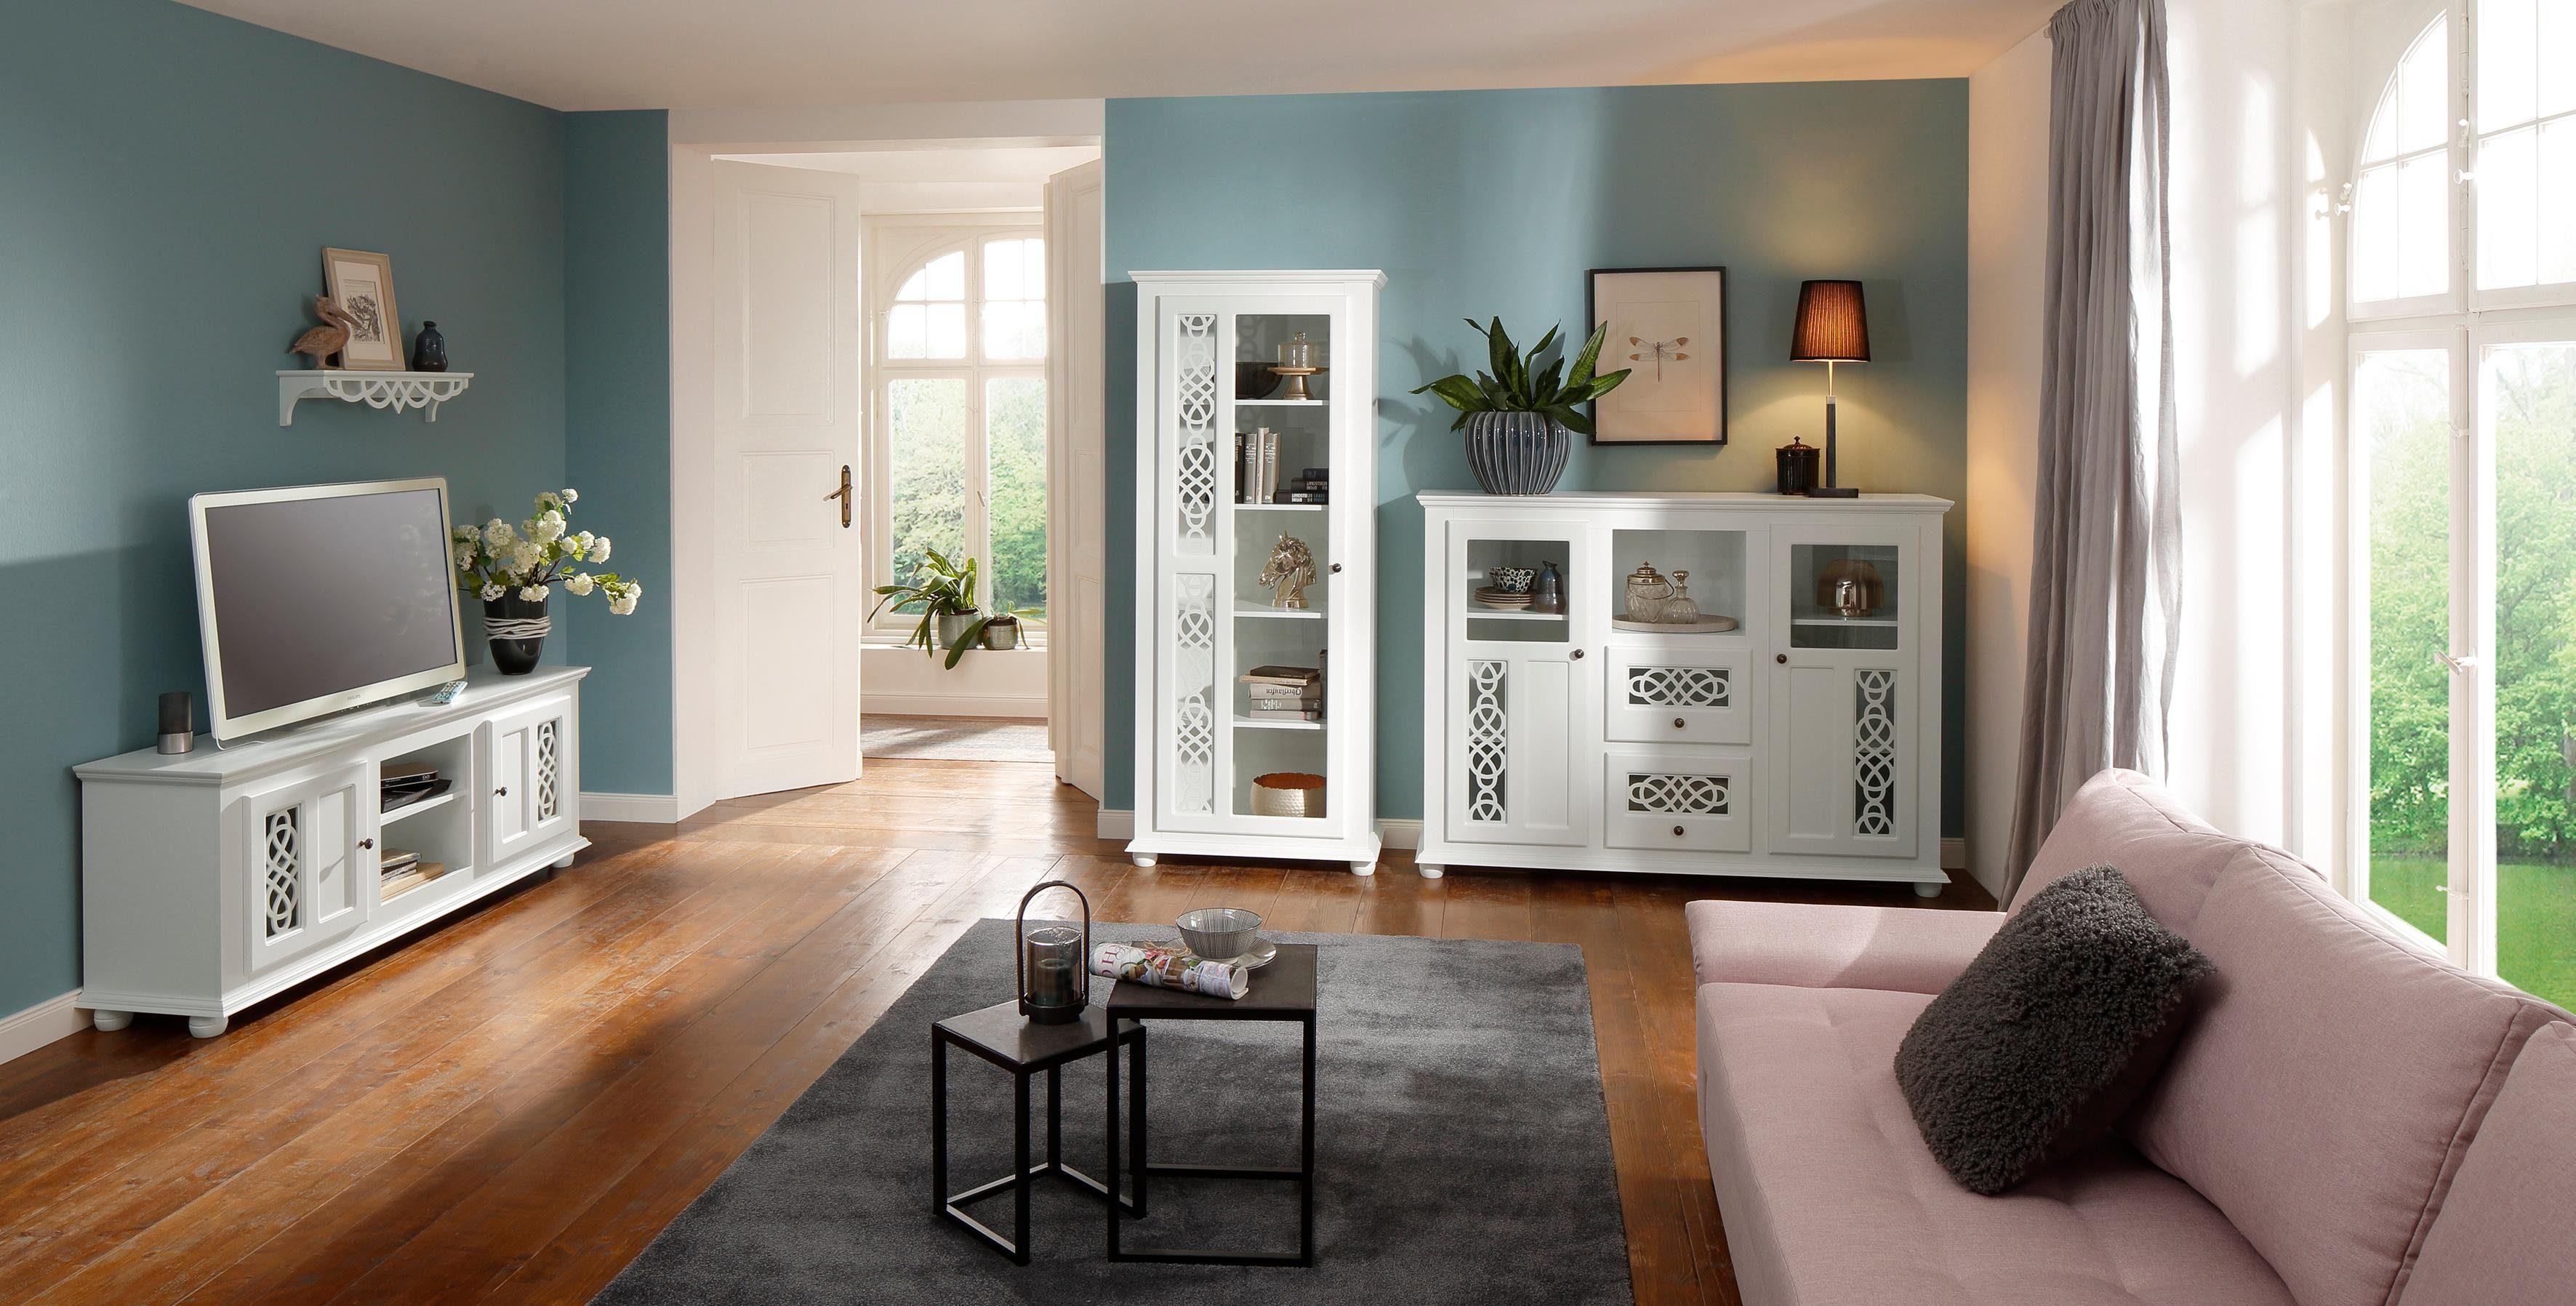 Home affaire Vitrine »Polaris« mit einer Glastür, mit kunstvollen Fräsungen, Breite 80 cm